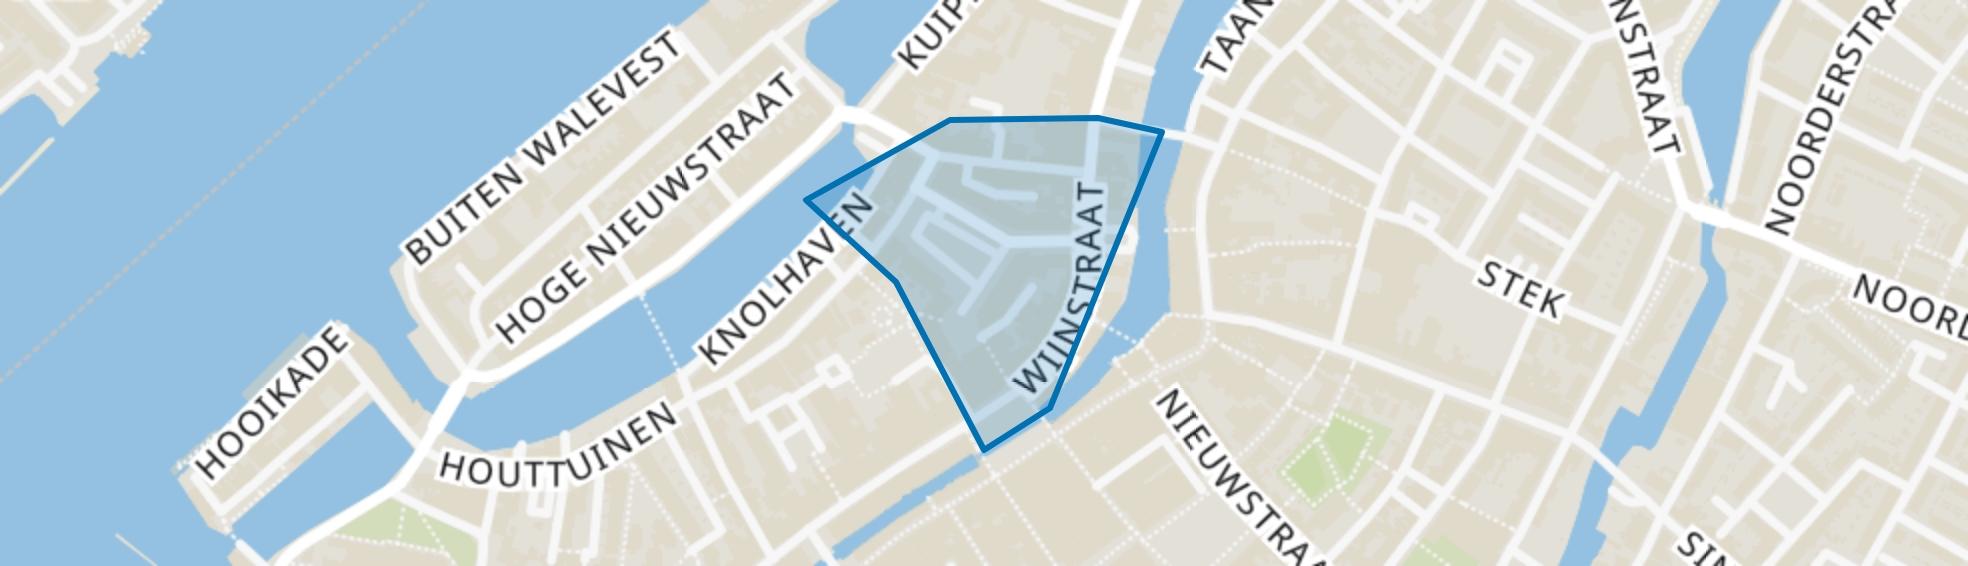 Grote Markt en omgeving, Dordrecht map